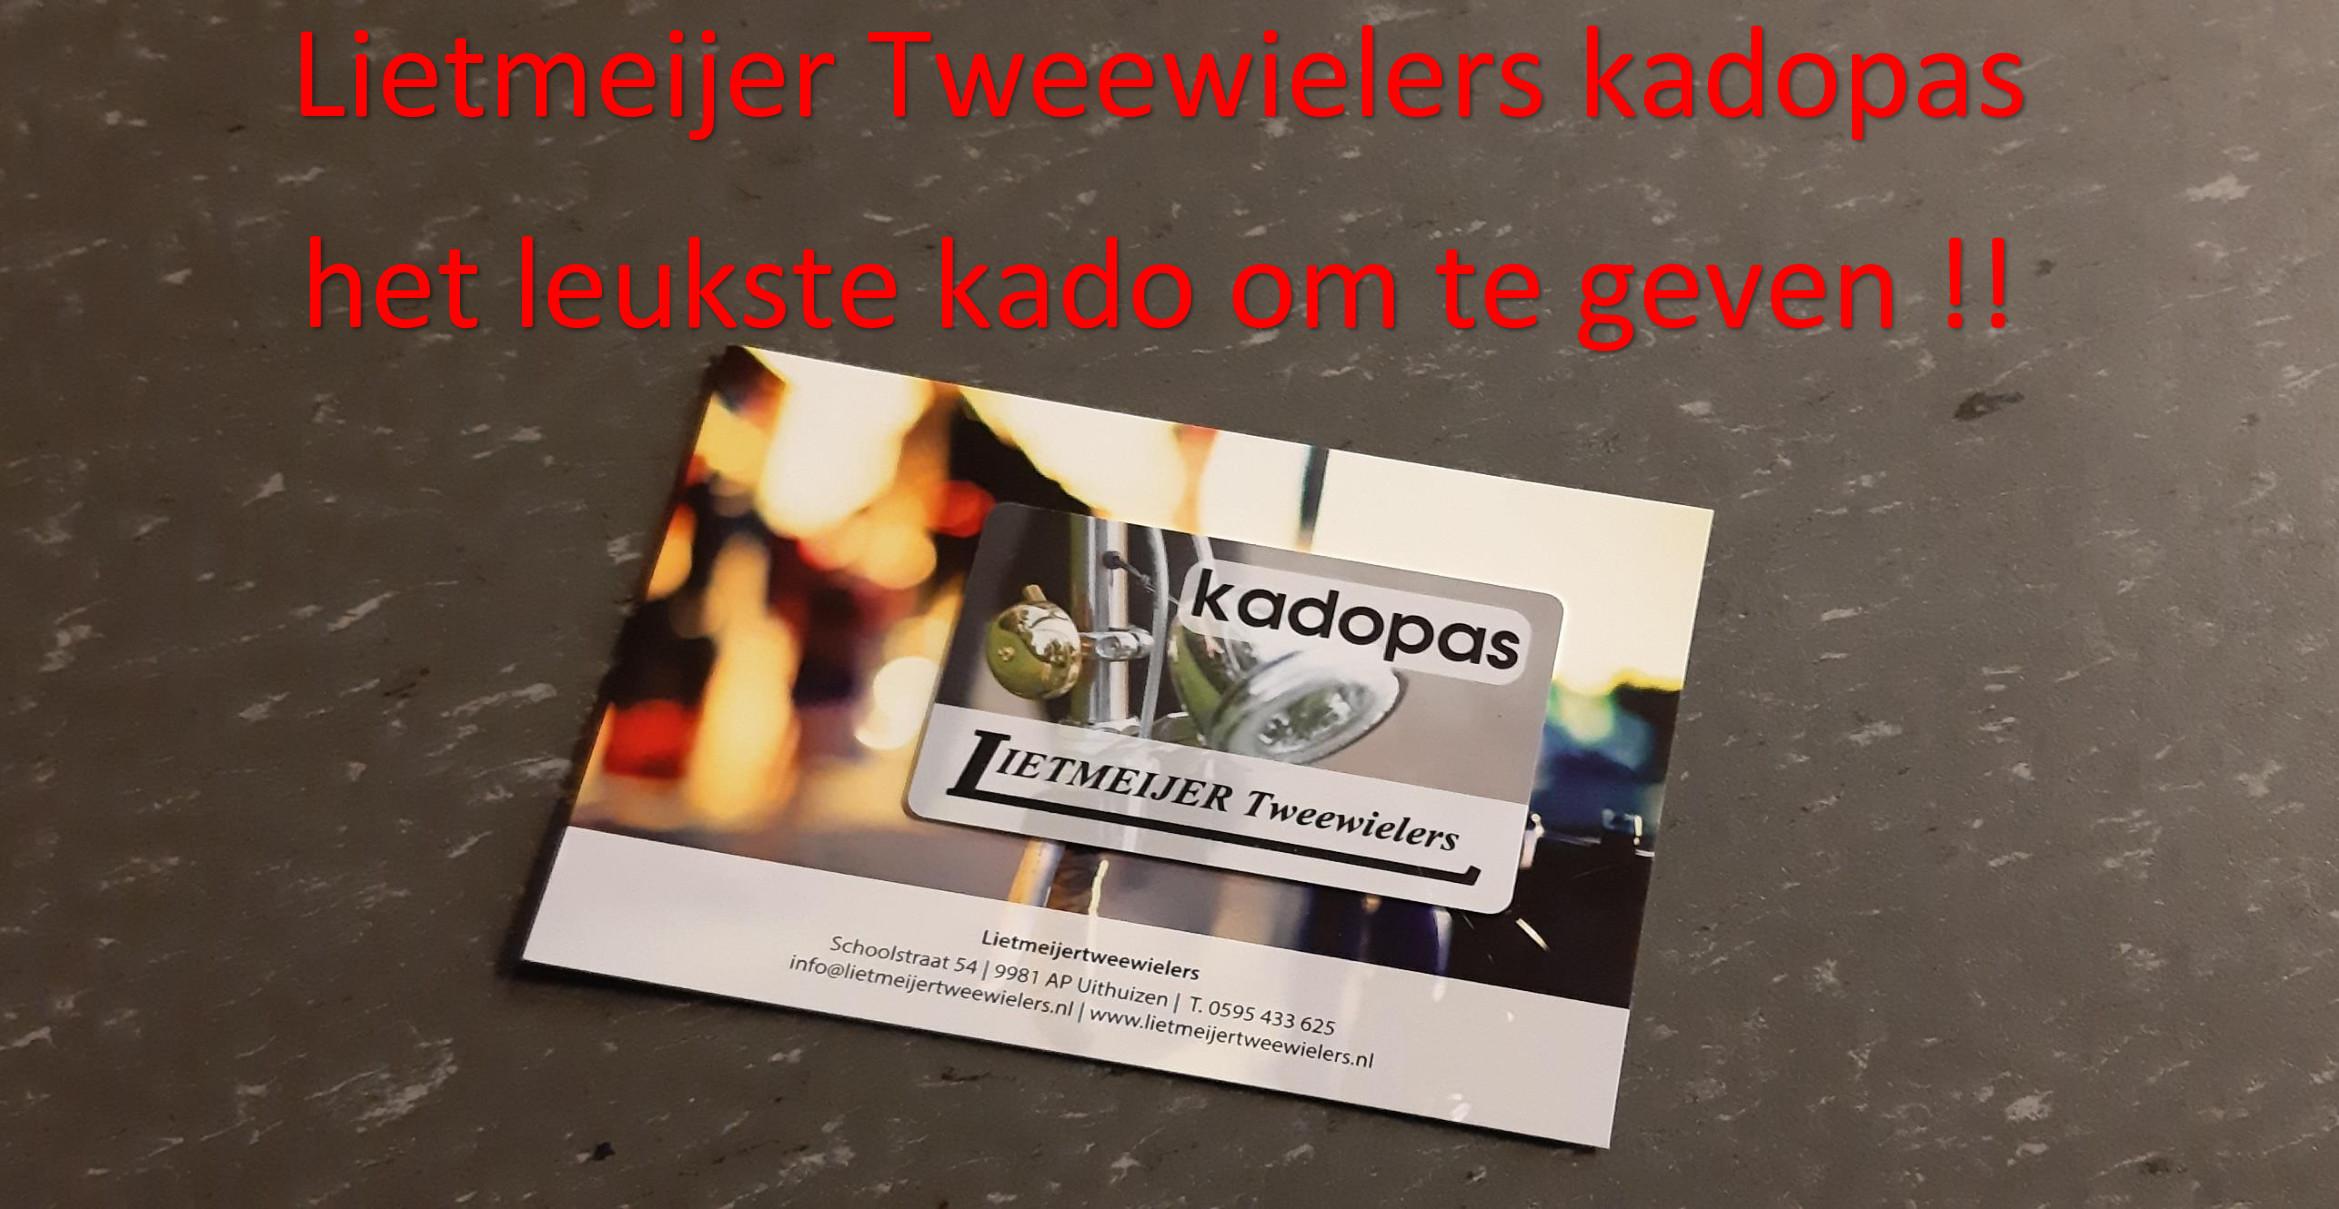 het_leukste_kado_om_te_geven_rood - kopie